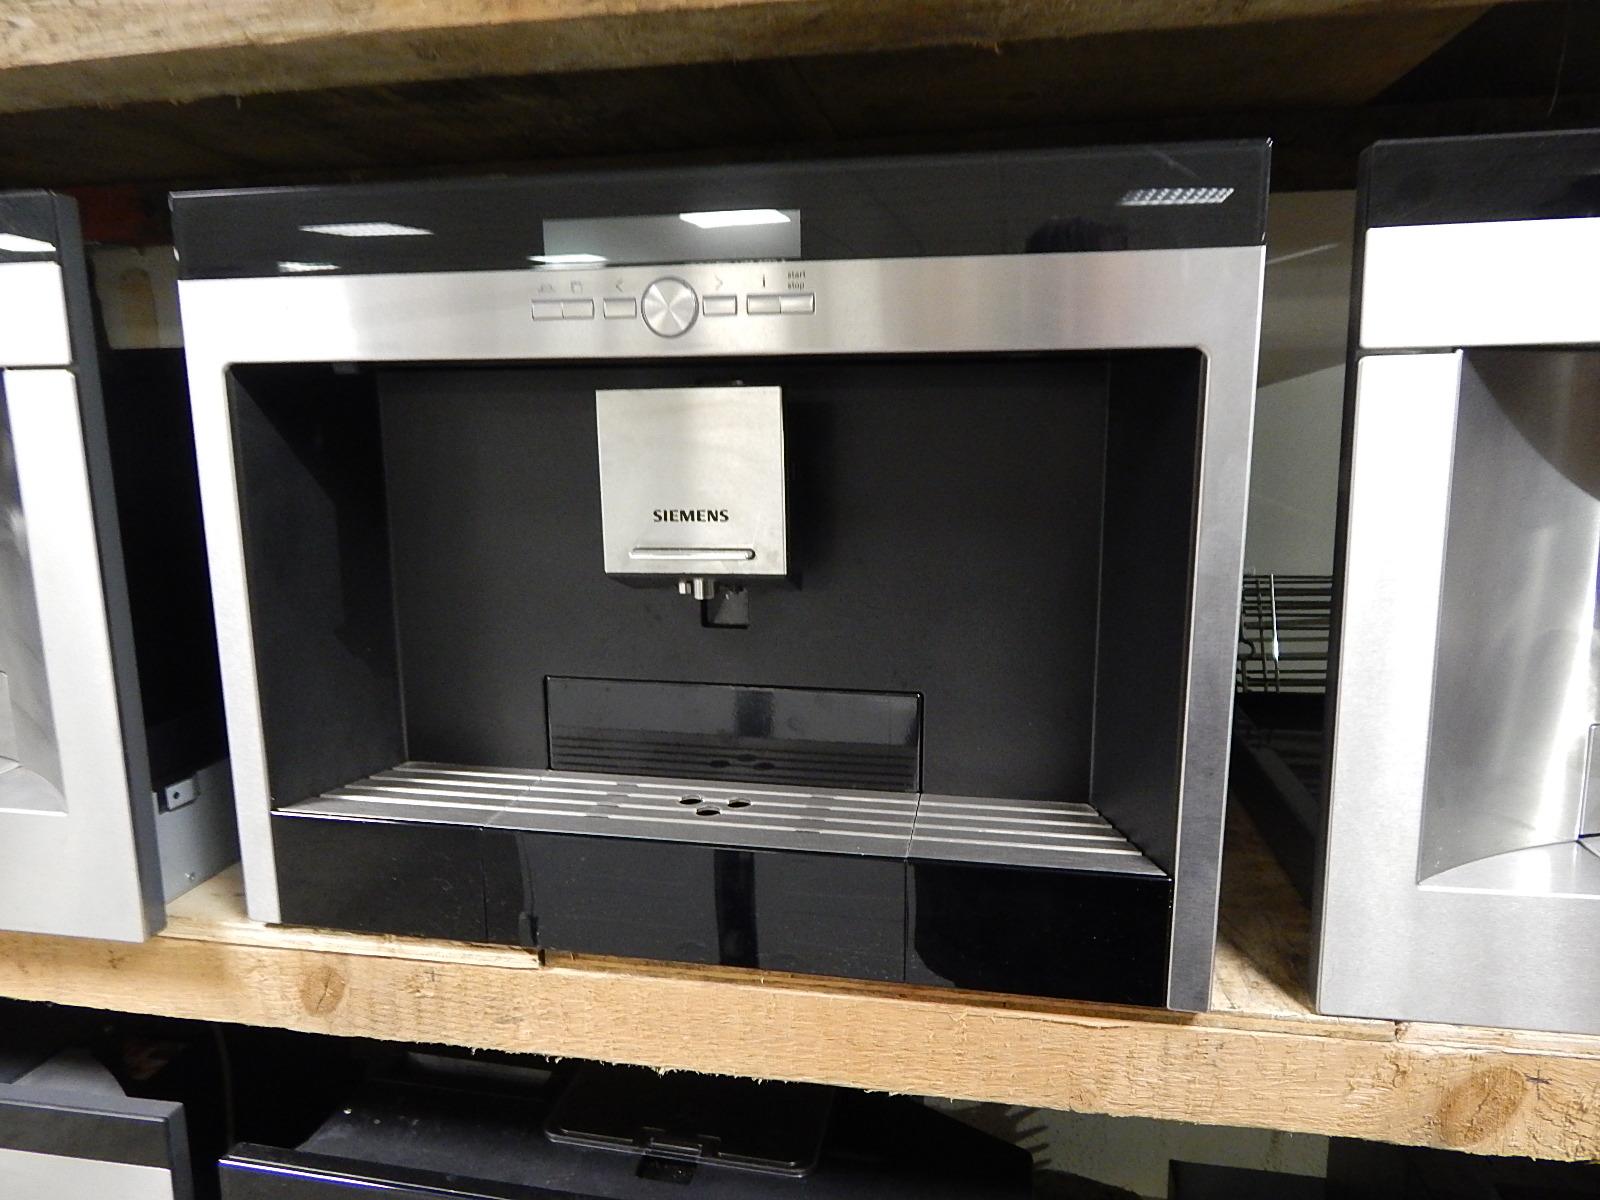 Siemens inbouw koffiemachine zeer goed onderhouden 2e hands for 2e hands meubels